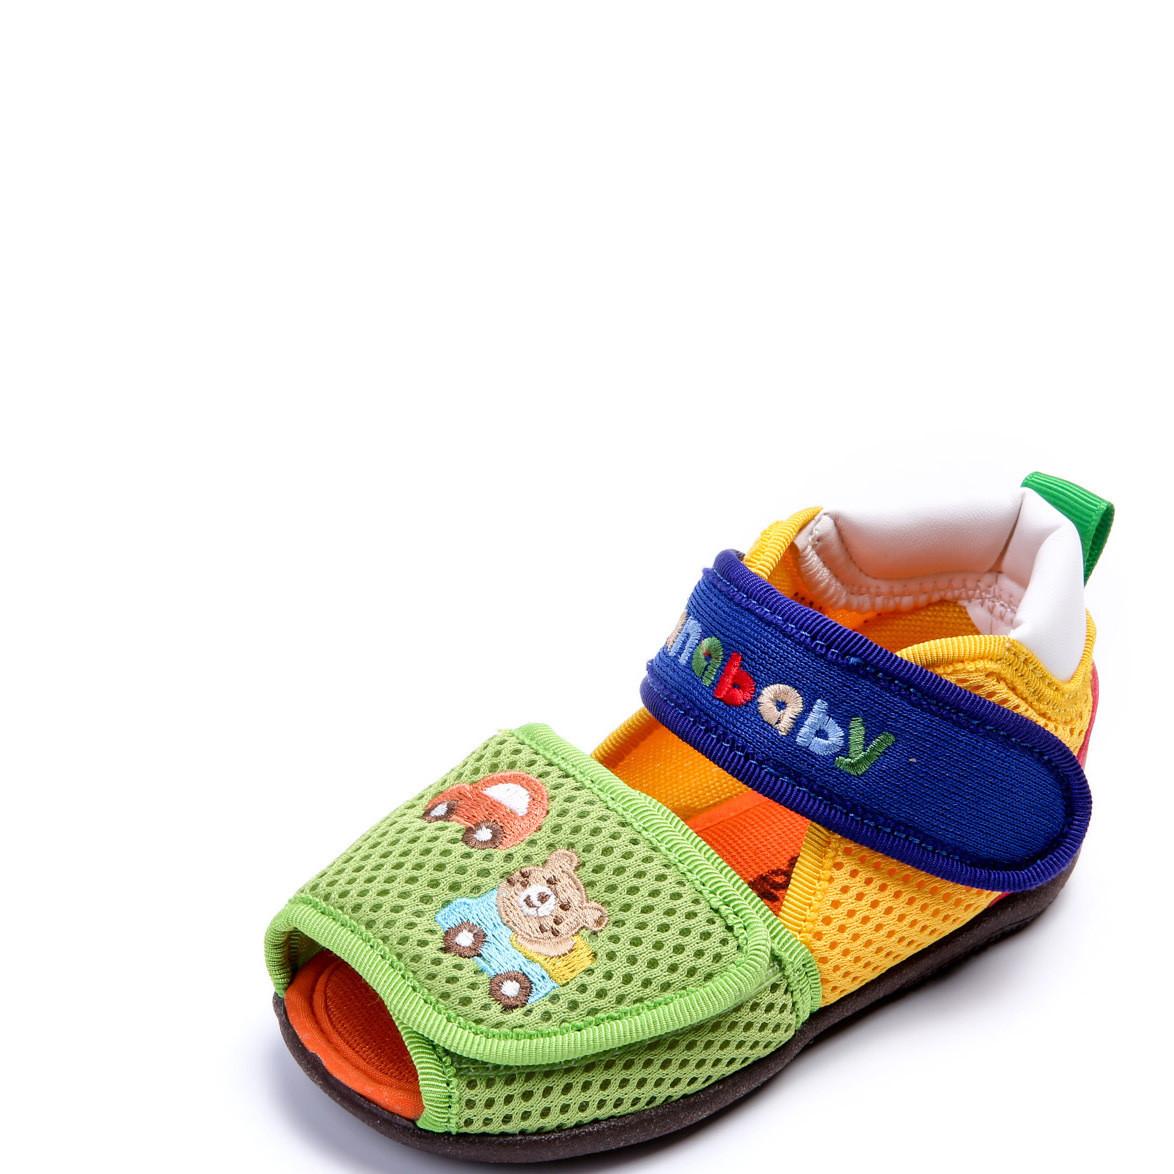 渣纳贝贝夏季婴儿童防滑凉鞋机能鞋子男女软底学步鞋ZA0016